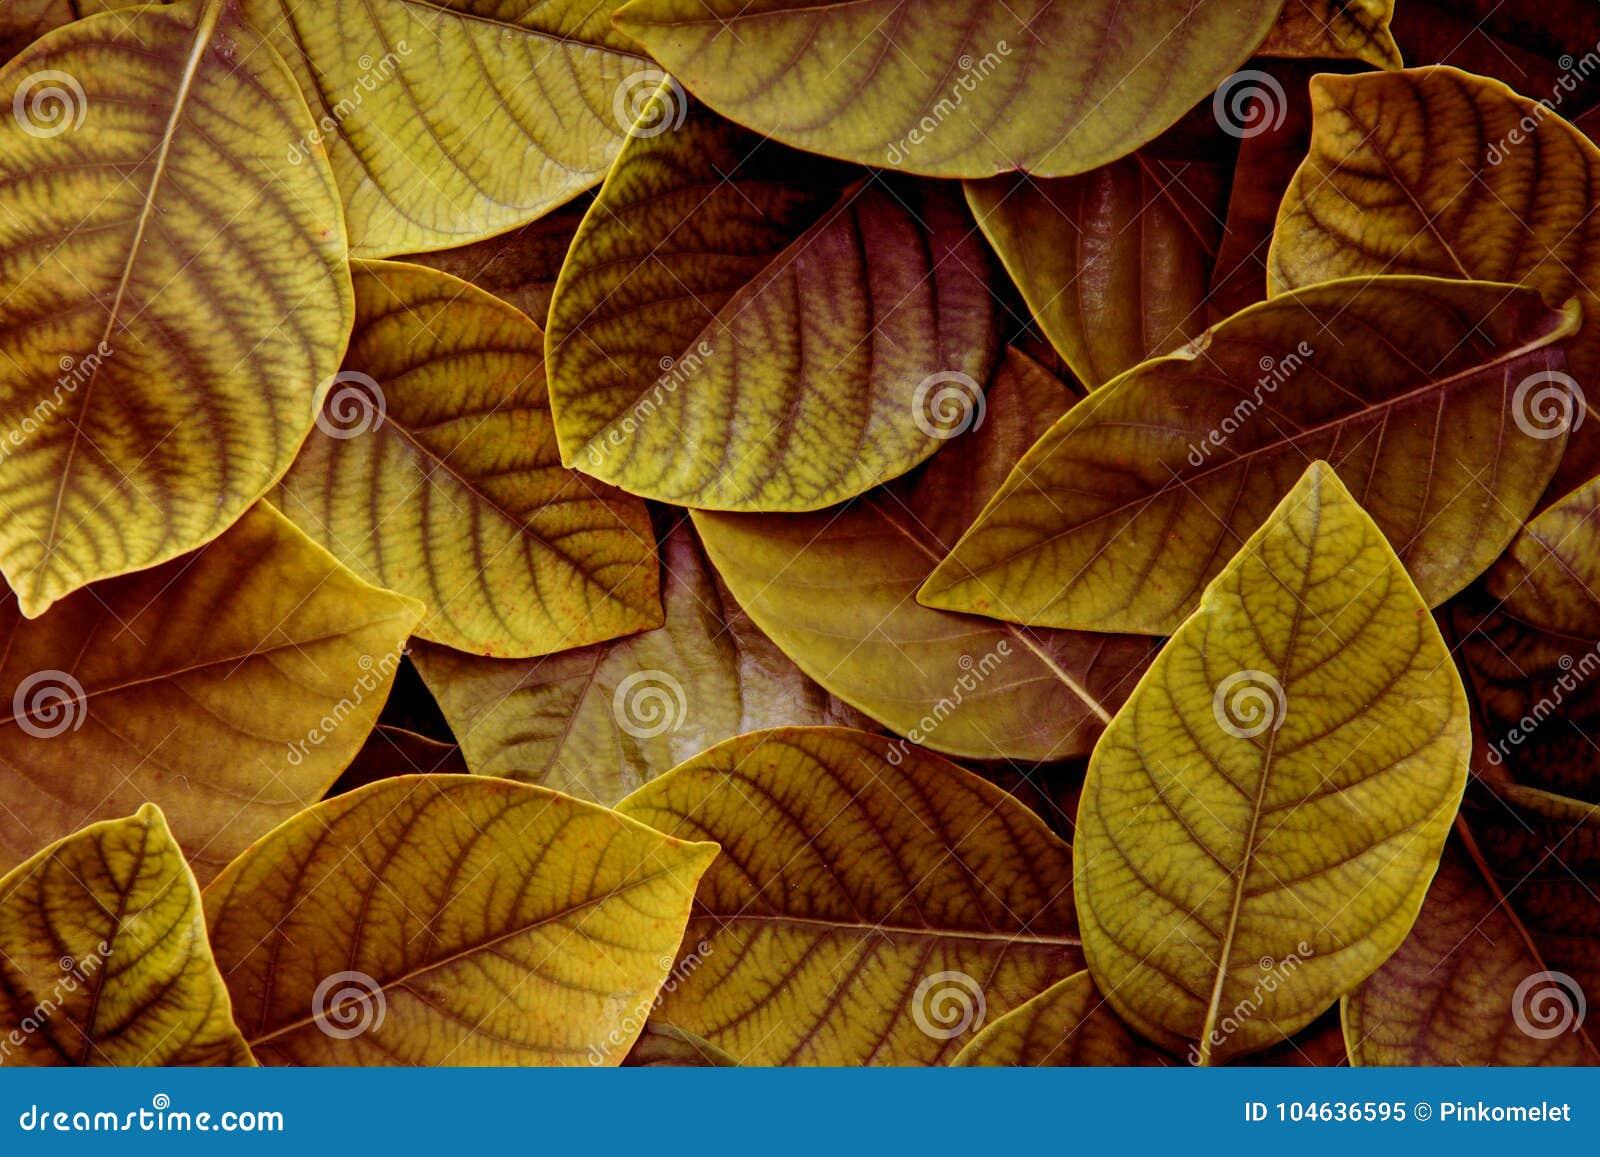 Download De Verse Tropische Geelgroene Bladerenachtergrond Stock Afbeelding - Afbeelding bestaande uit groen, banner: 104636595